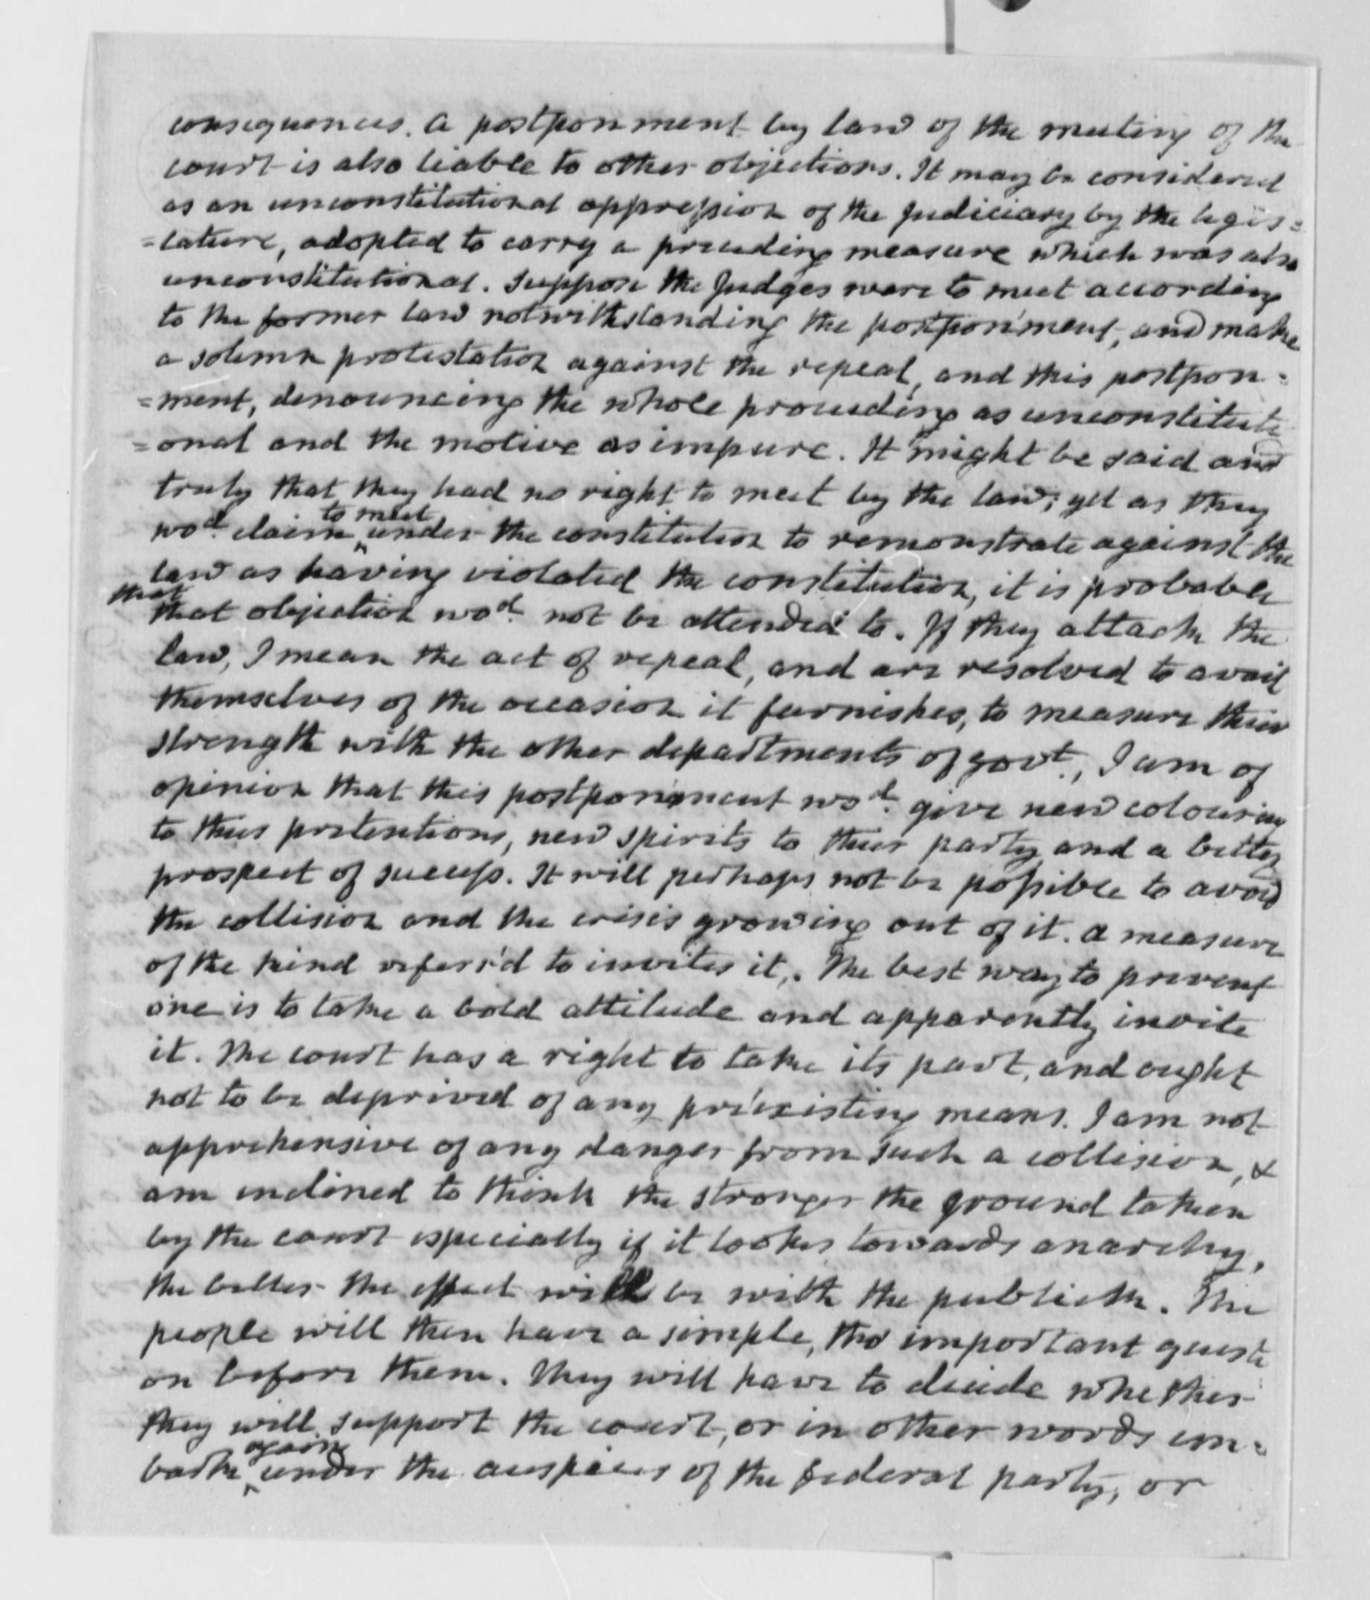 James Monroe to Thomas Jefferson, April 25, 1802